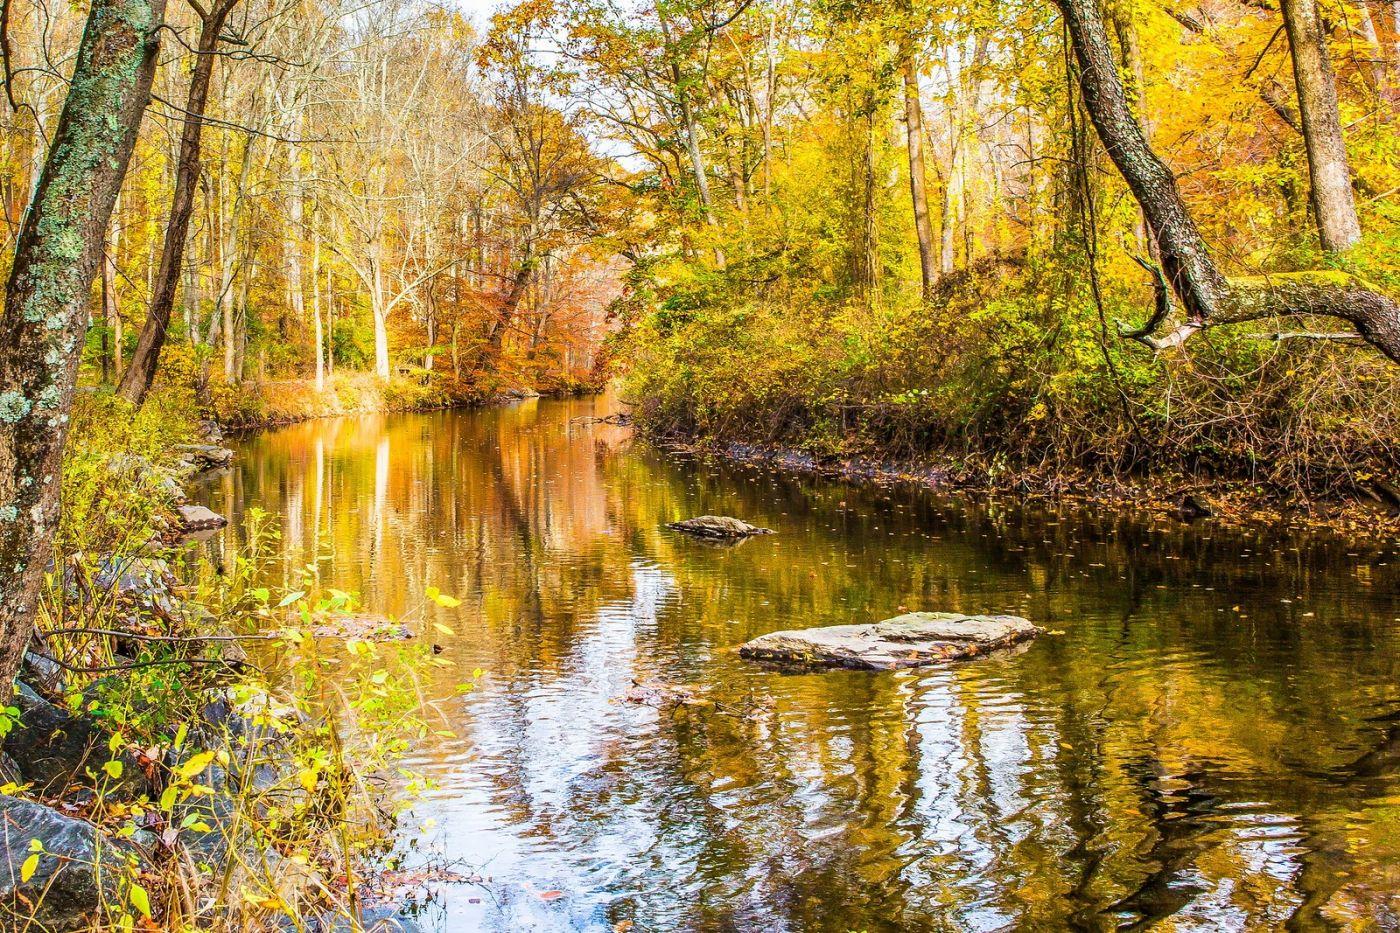 宾州雷德利克里克公园(Ridley creek park),迷人的秋色_图1-21